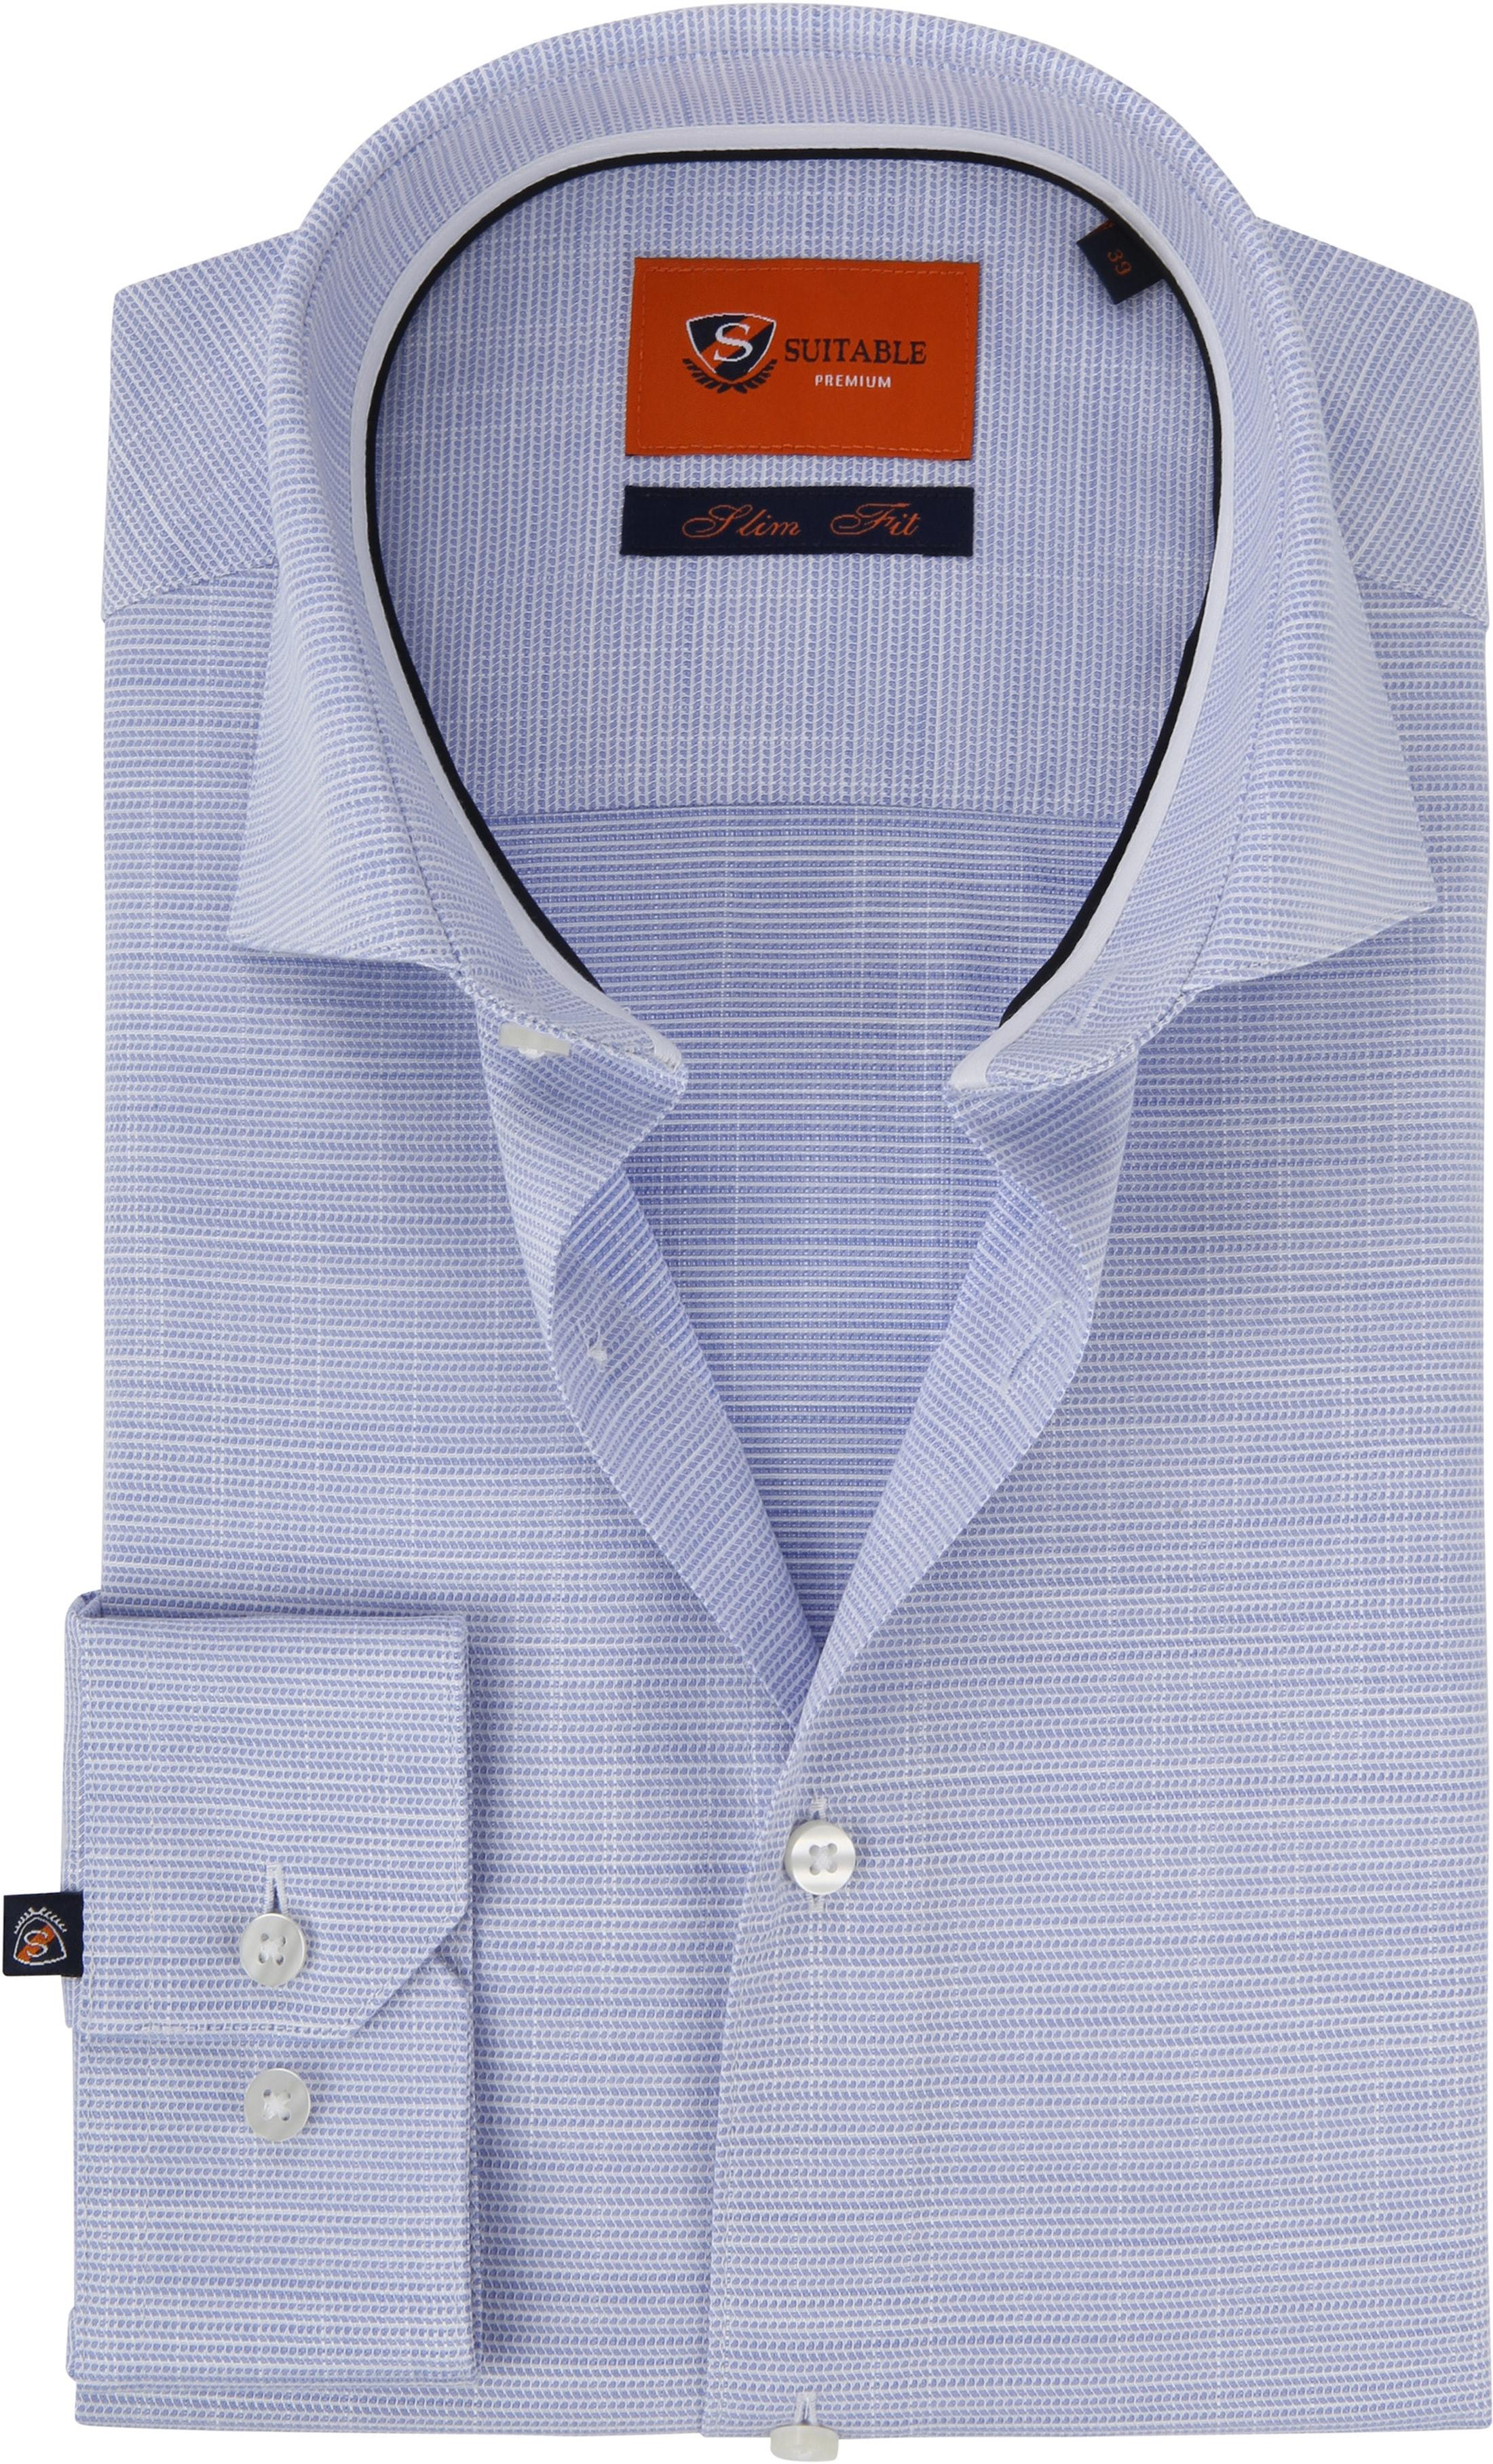 Suitable Overhemd Blauw WS foto 0